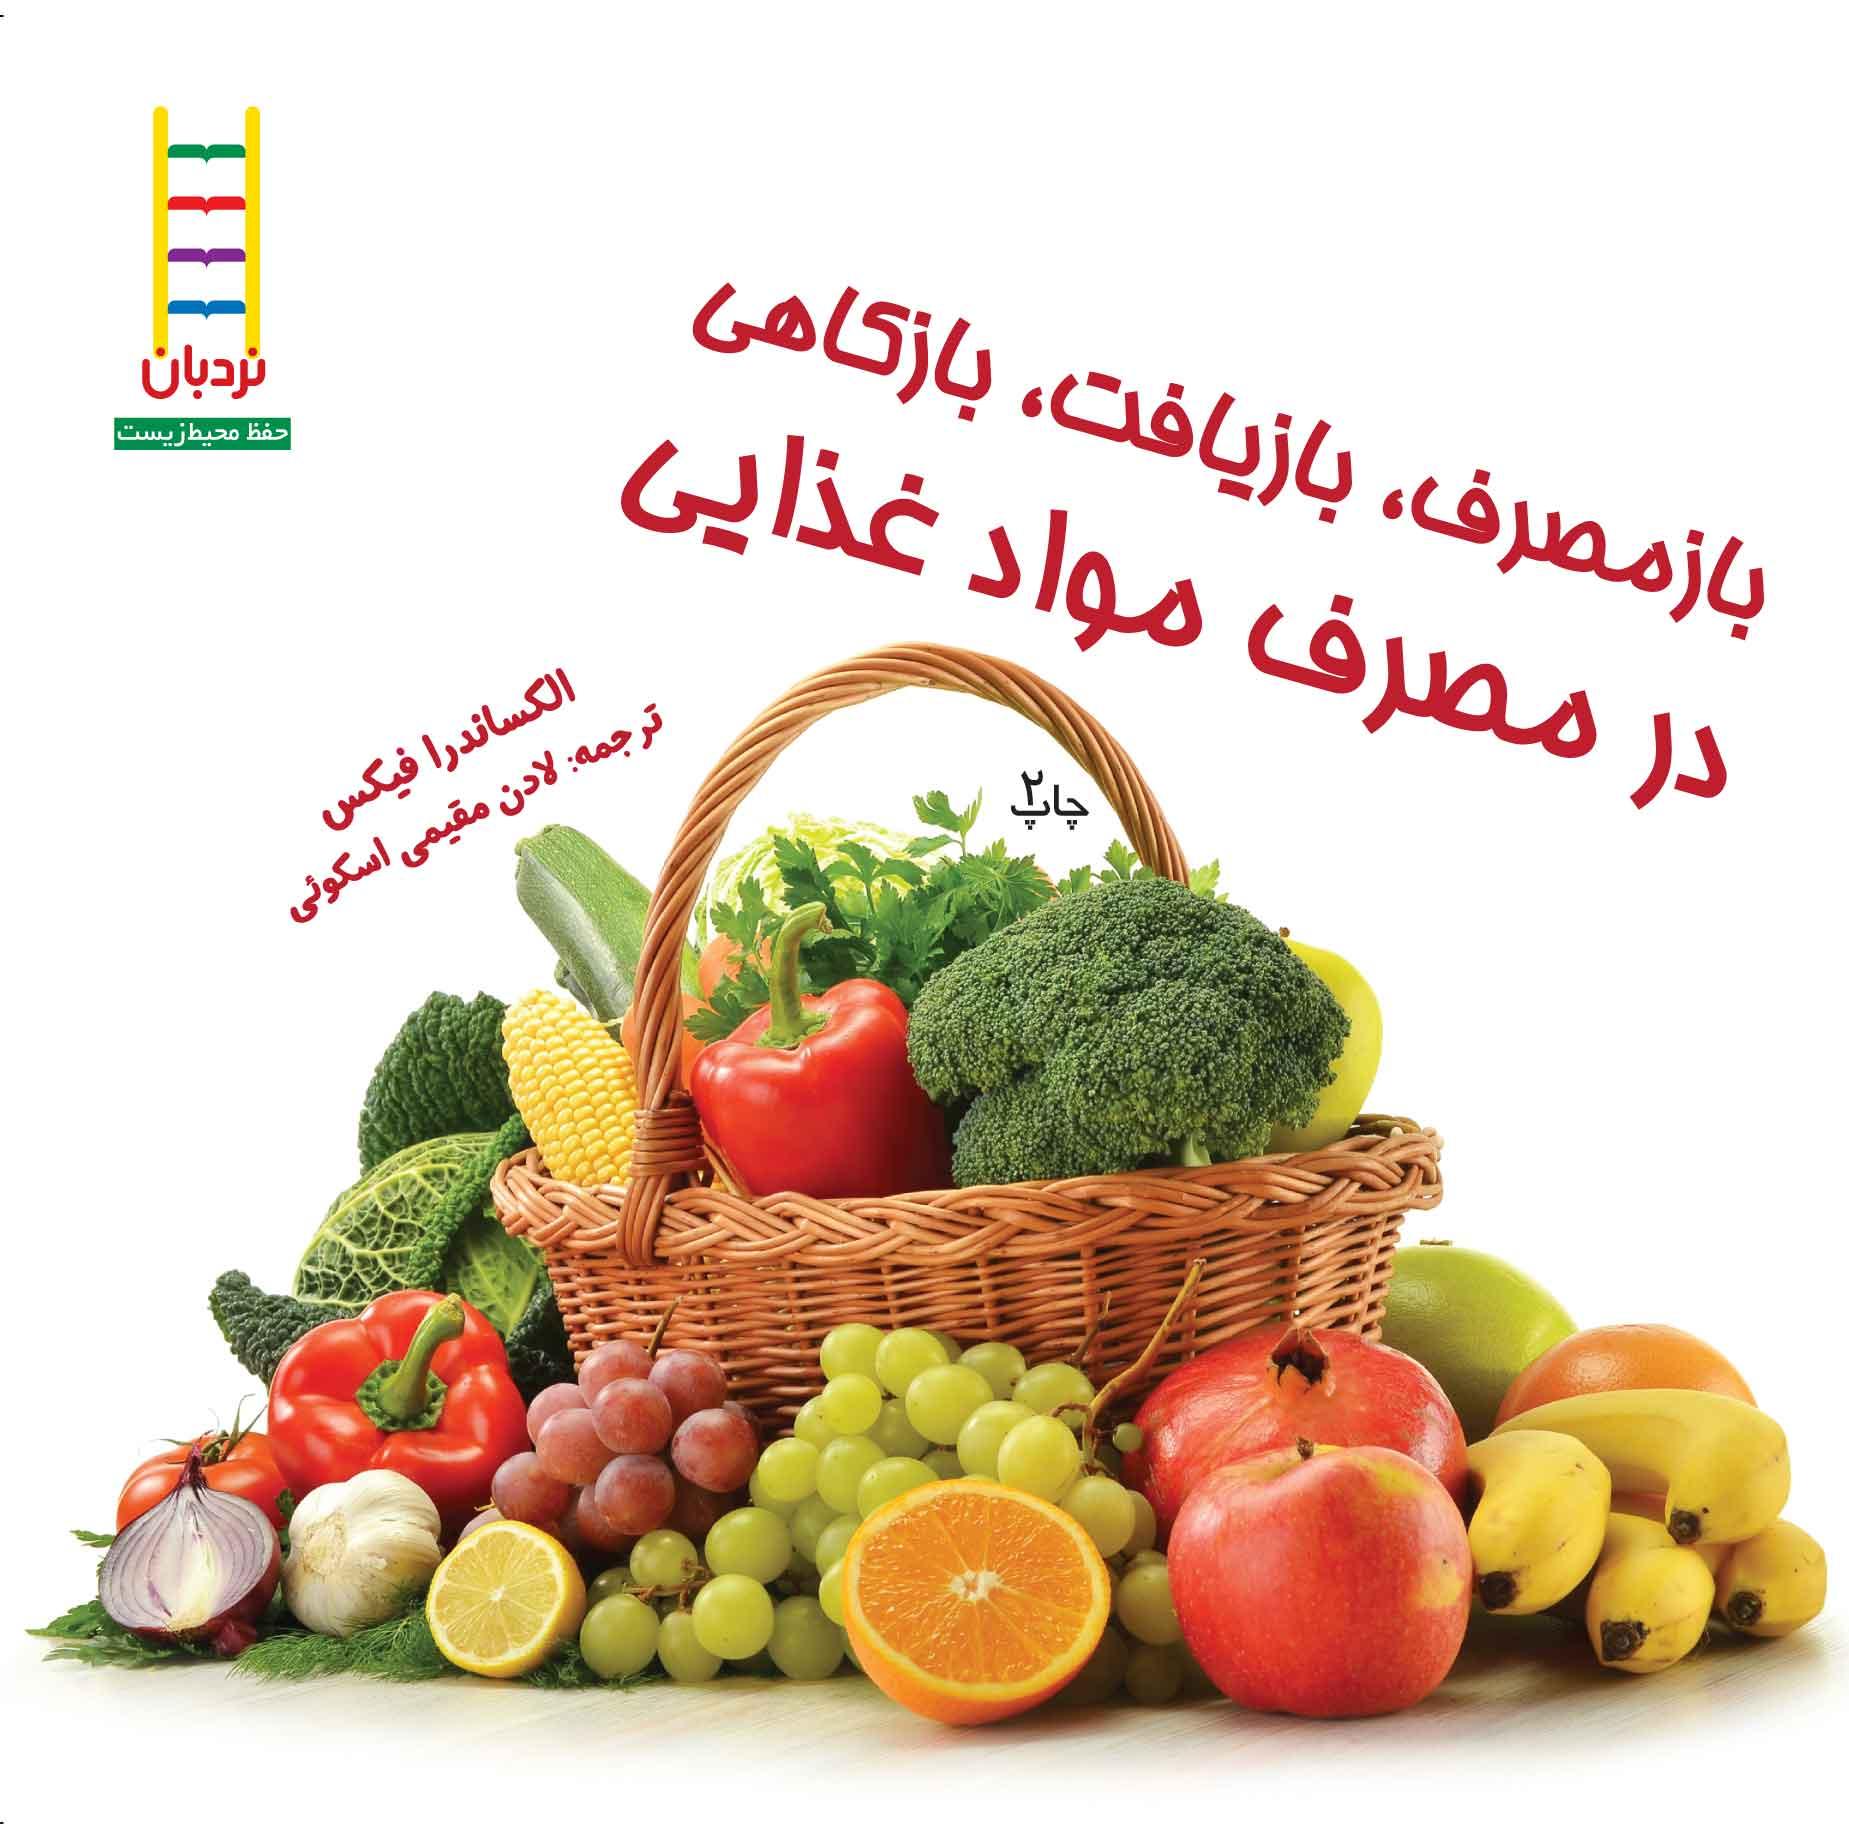 بازمصرف، بازیافت، بازکاهی در مصرف مواد غذایی...